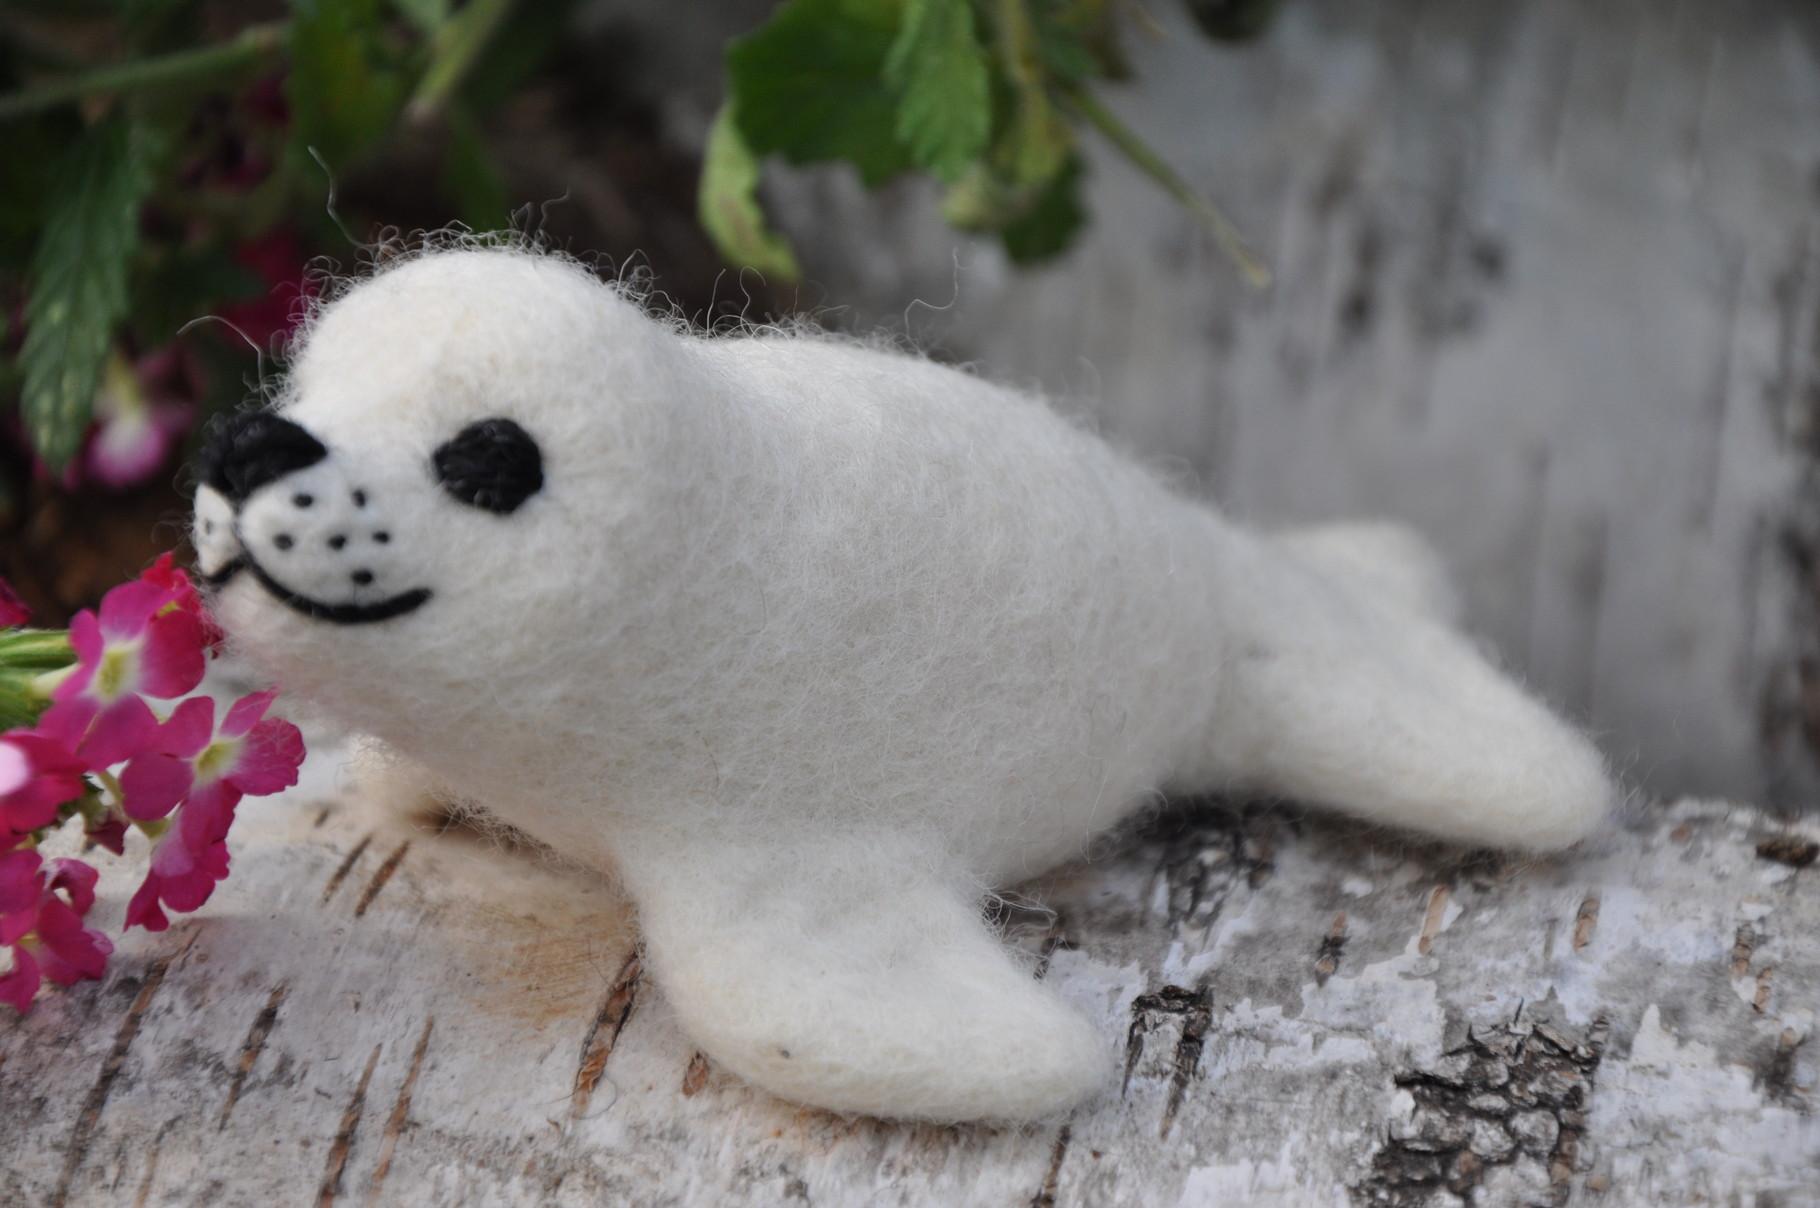 Weiße Robbe aus Filz